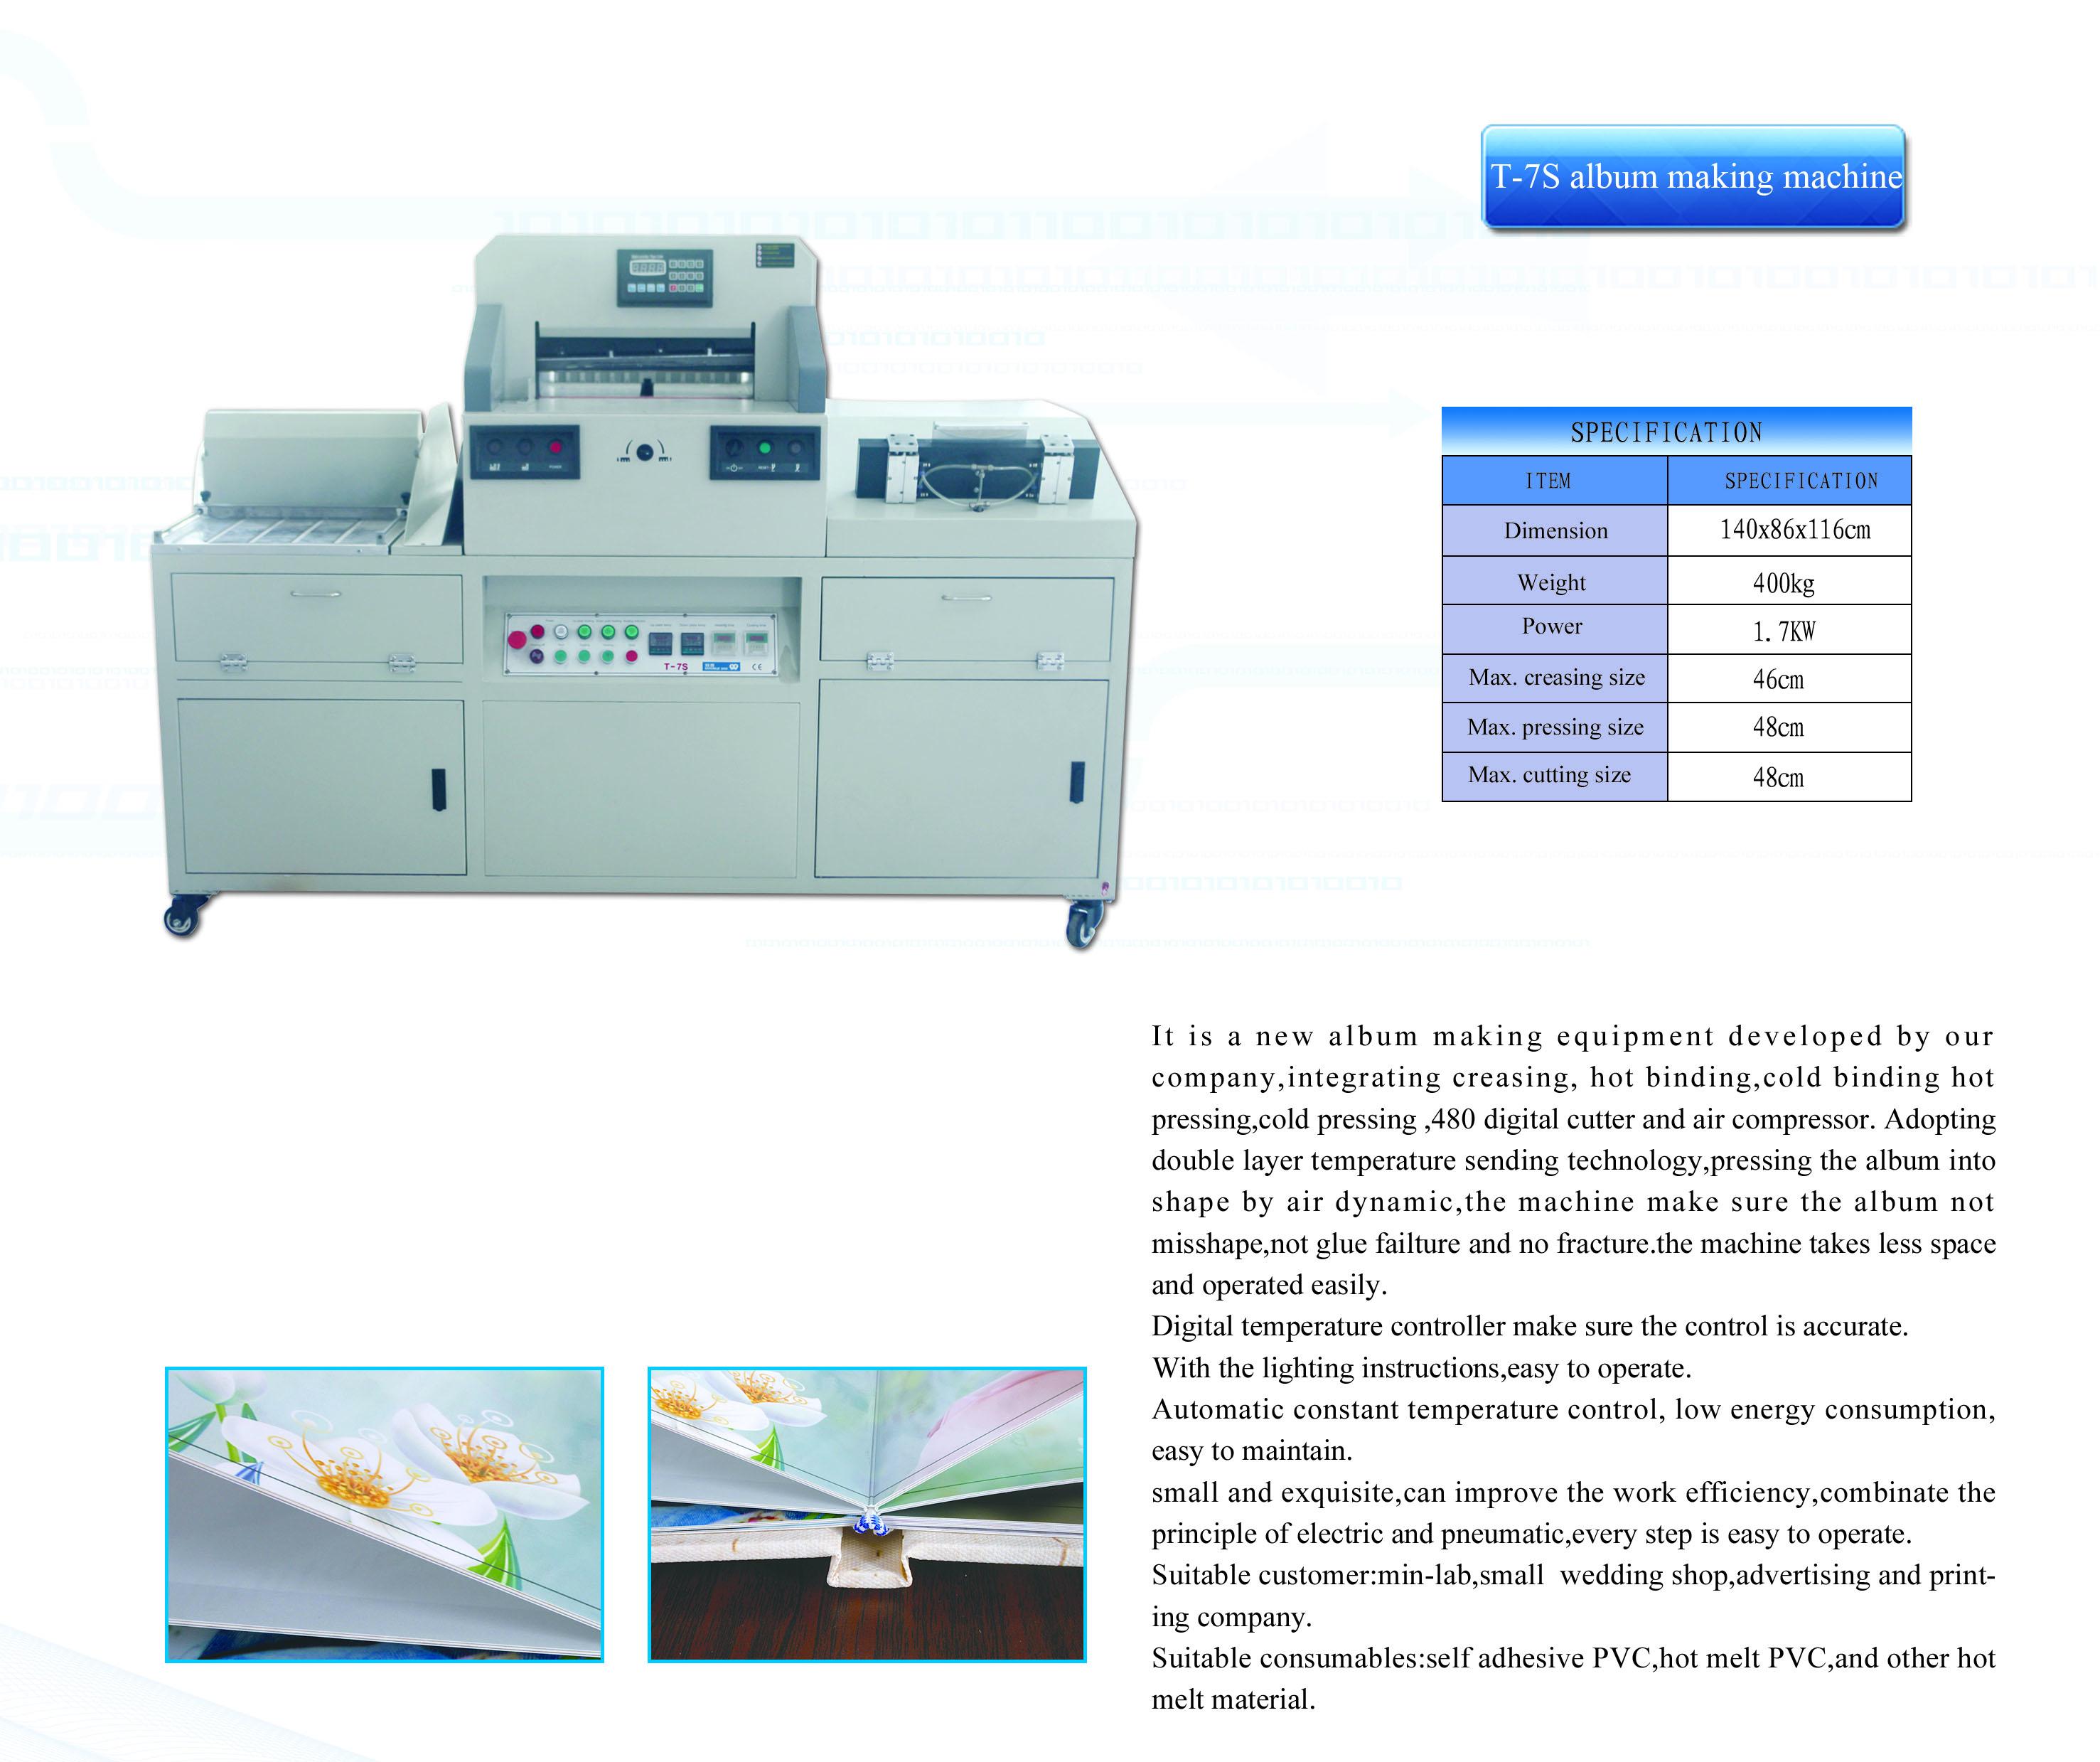 Noritsu photo book machine M: Jumbl 22MP All-In-1 Film Slide Scanner